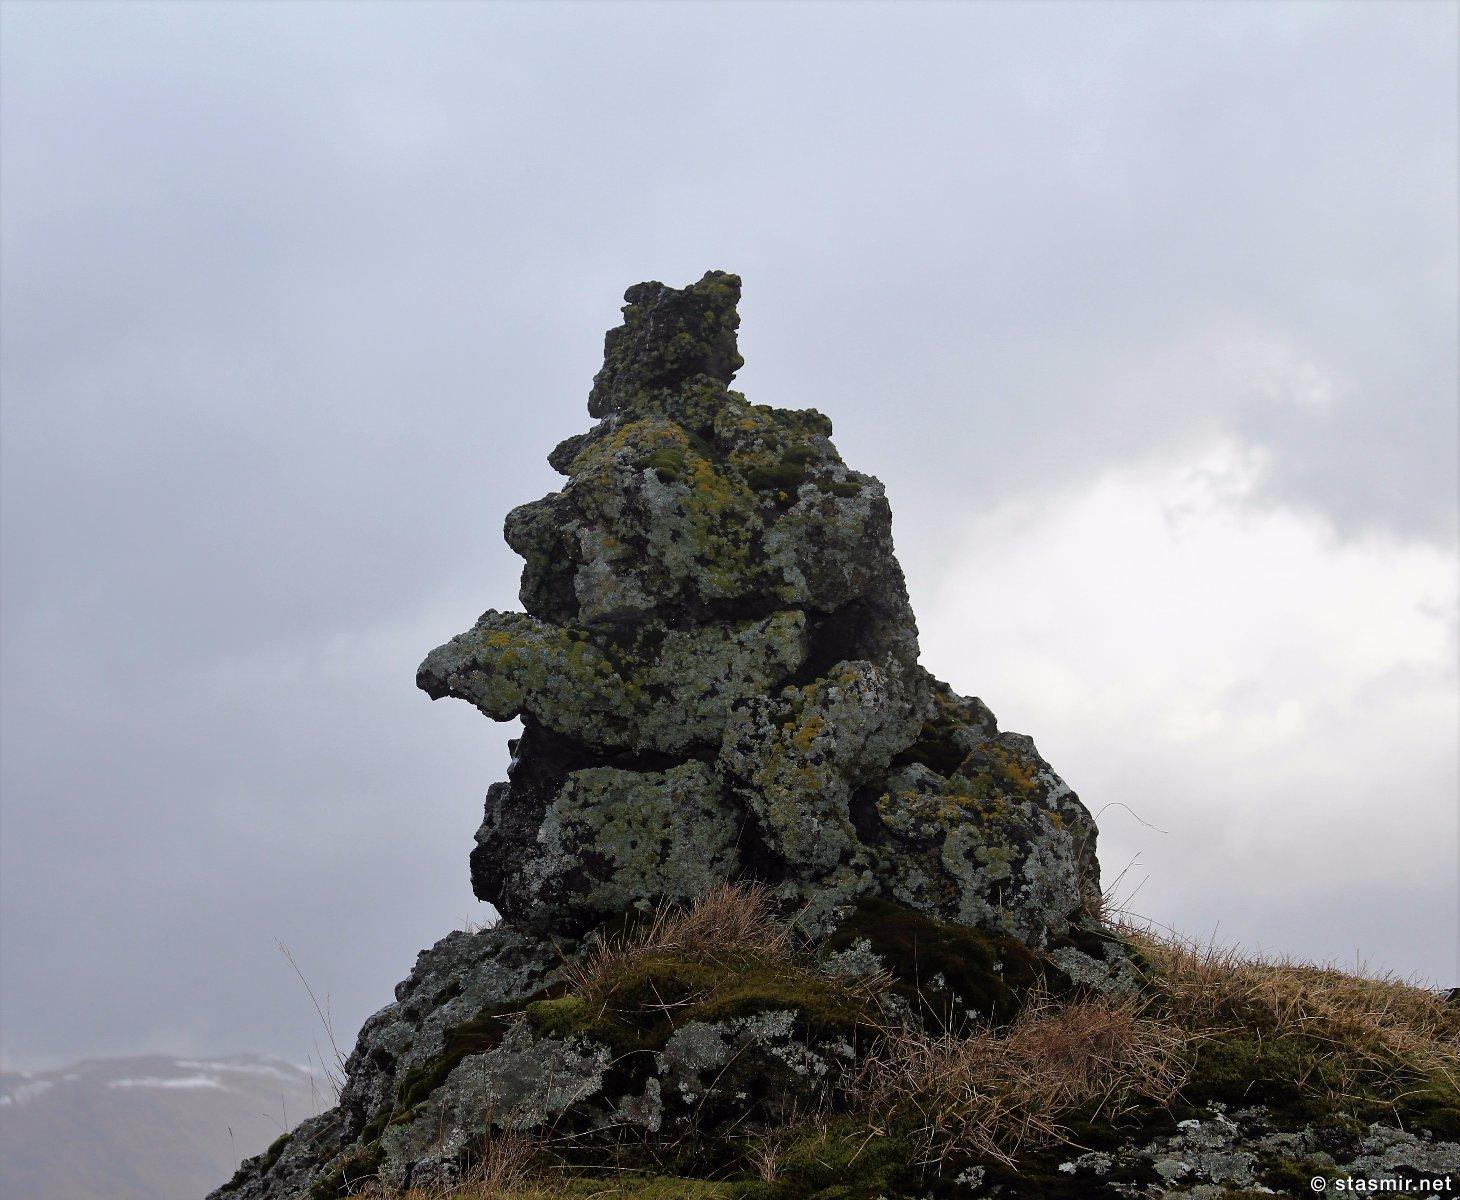 голова тролля в Южной Исландии, район Fljótshlíð, Photo Stasmir, фото Стасмир